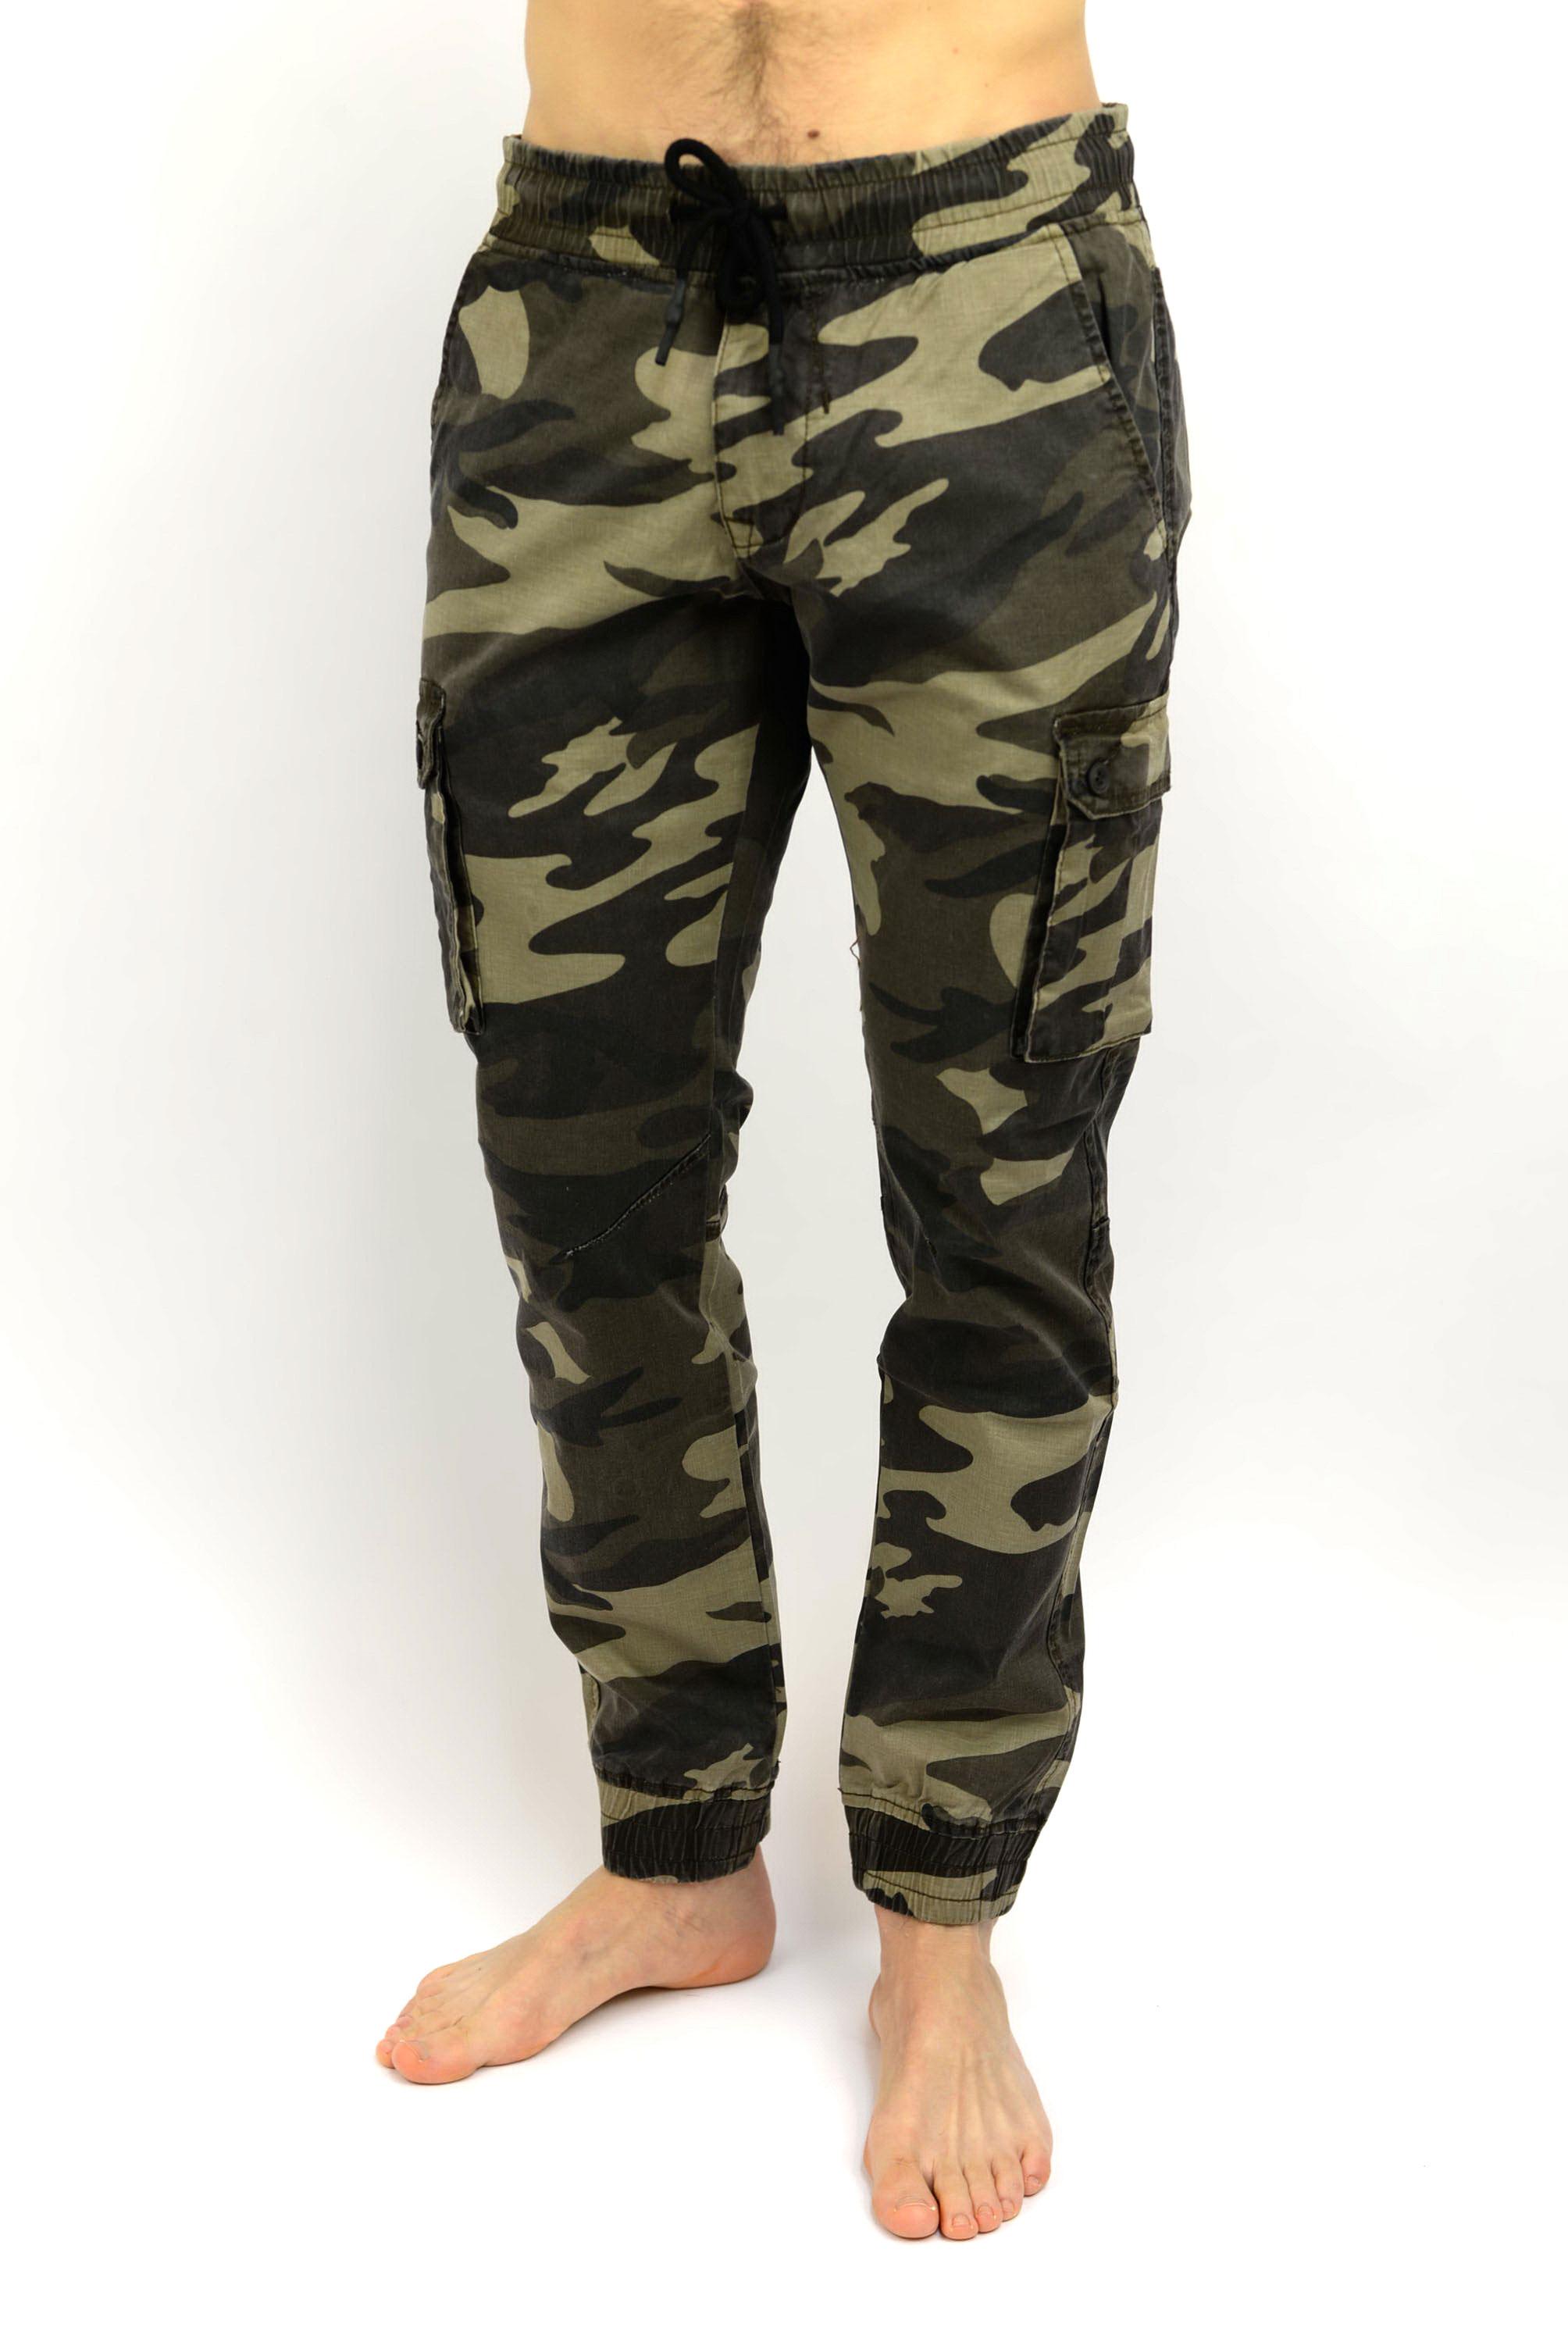 nuovo prodotto 769bf 4d1a7 Pantalone mimetico CARGO